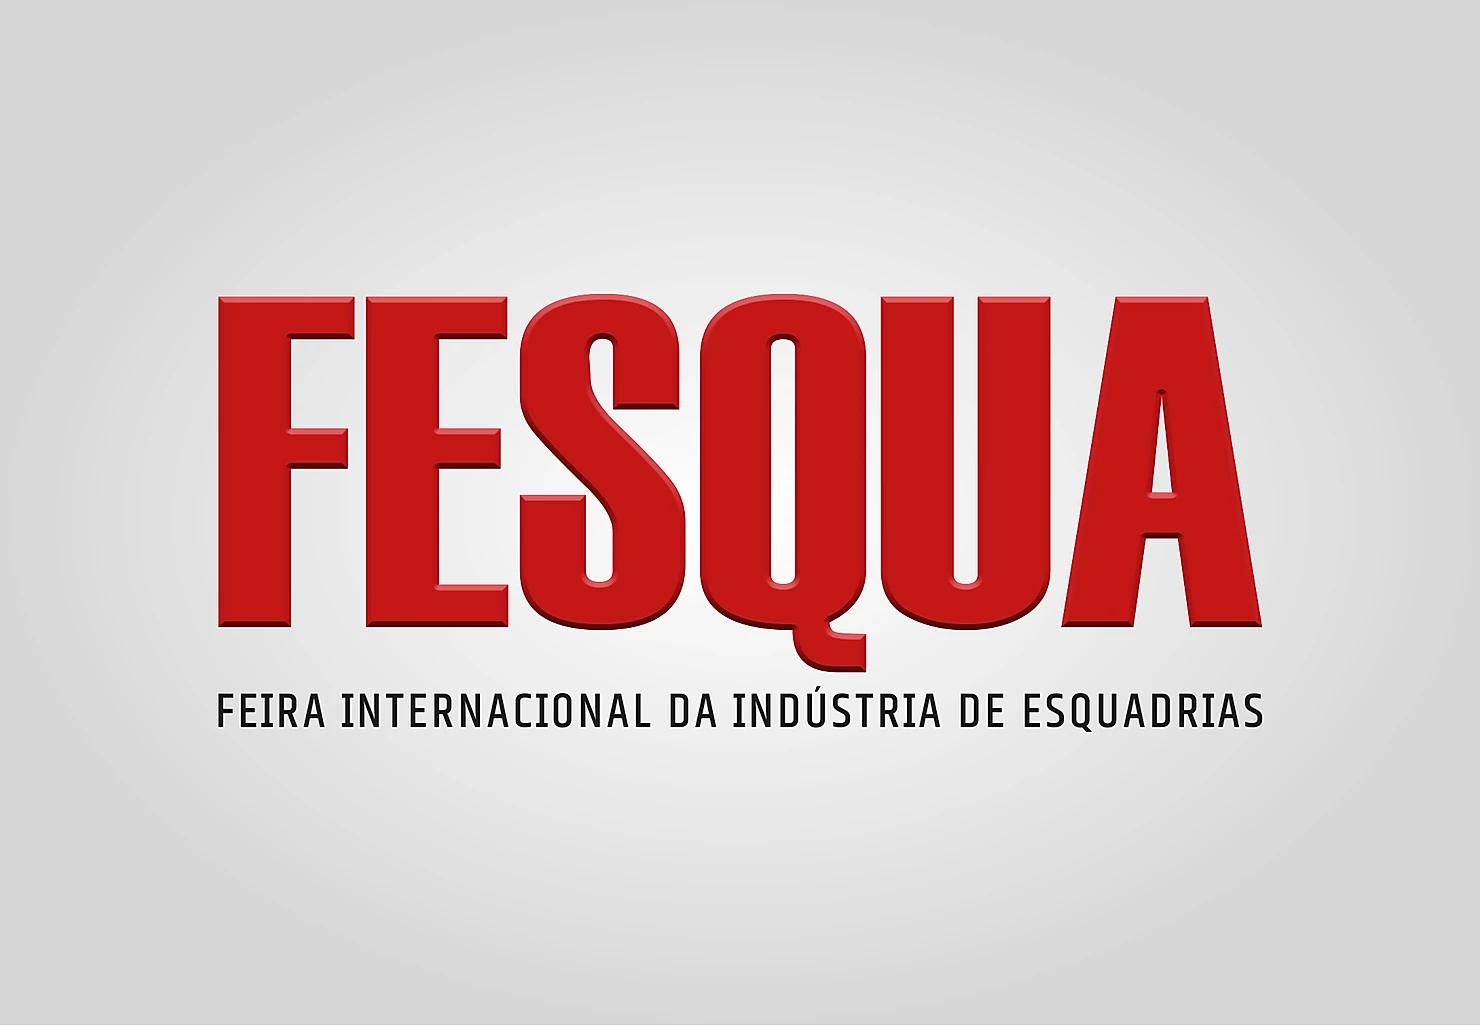 CONSELHO DE ARQUITETURA E URBANISMO APOIA A REALIZAÇÃO DA FESQUA